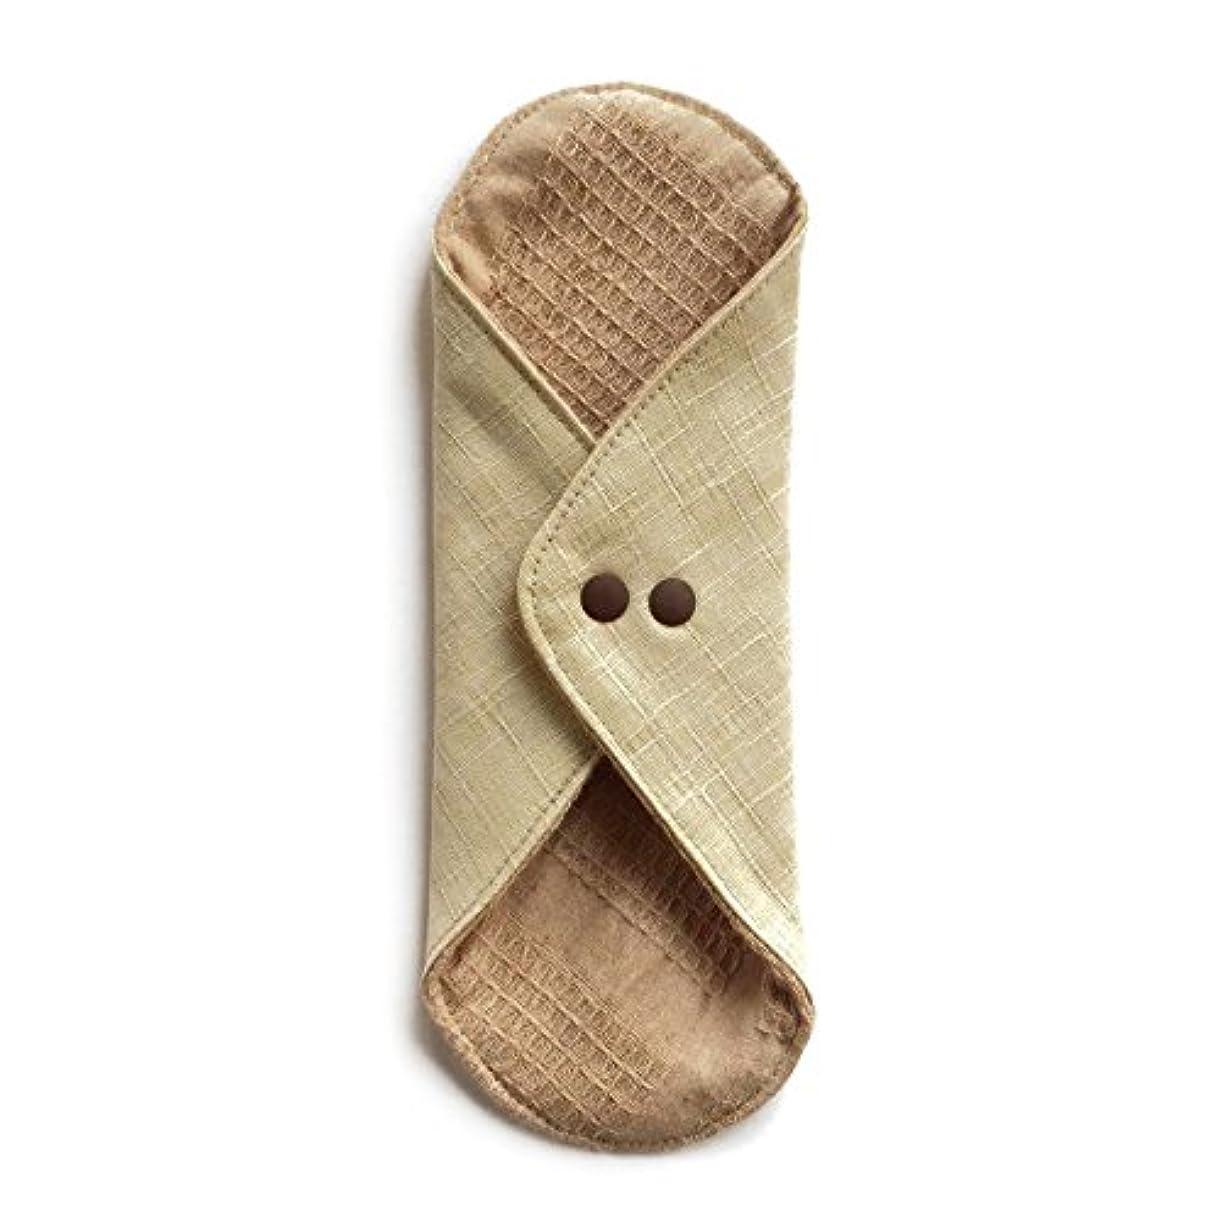 好むドライブバルコニー華布のオーガニックコットンのあたため布 Lサイズ (約18×約20.5×約0.5cm) 彩り(百合)